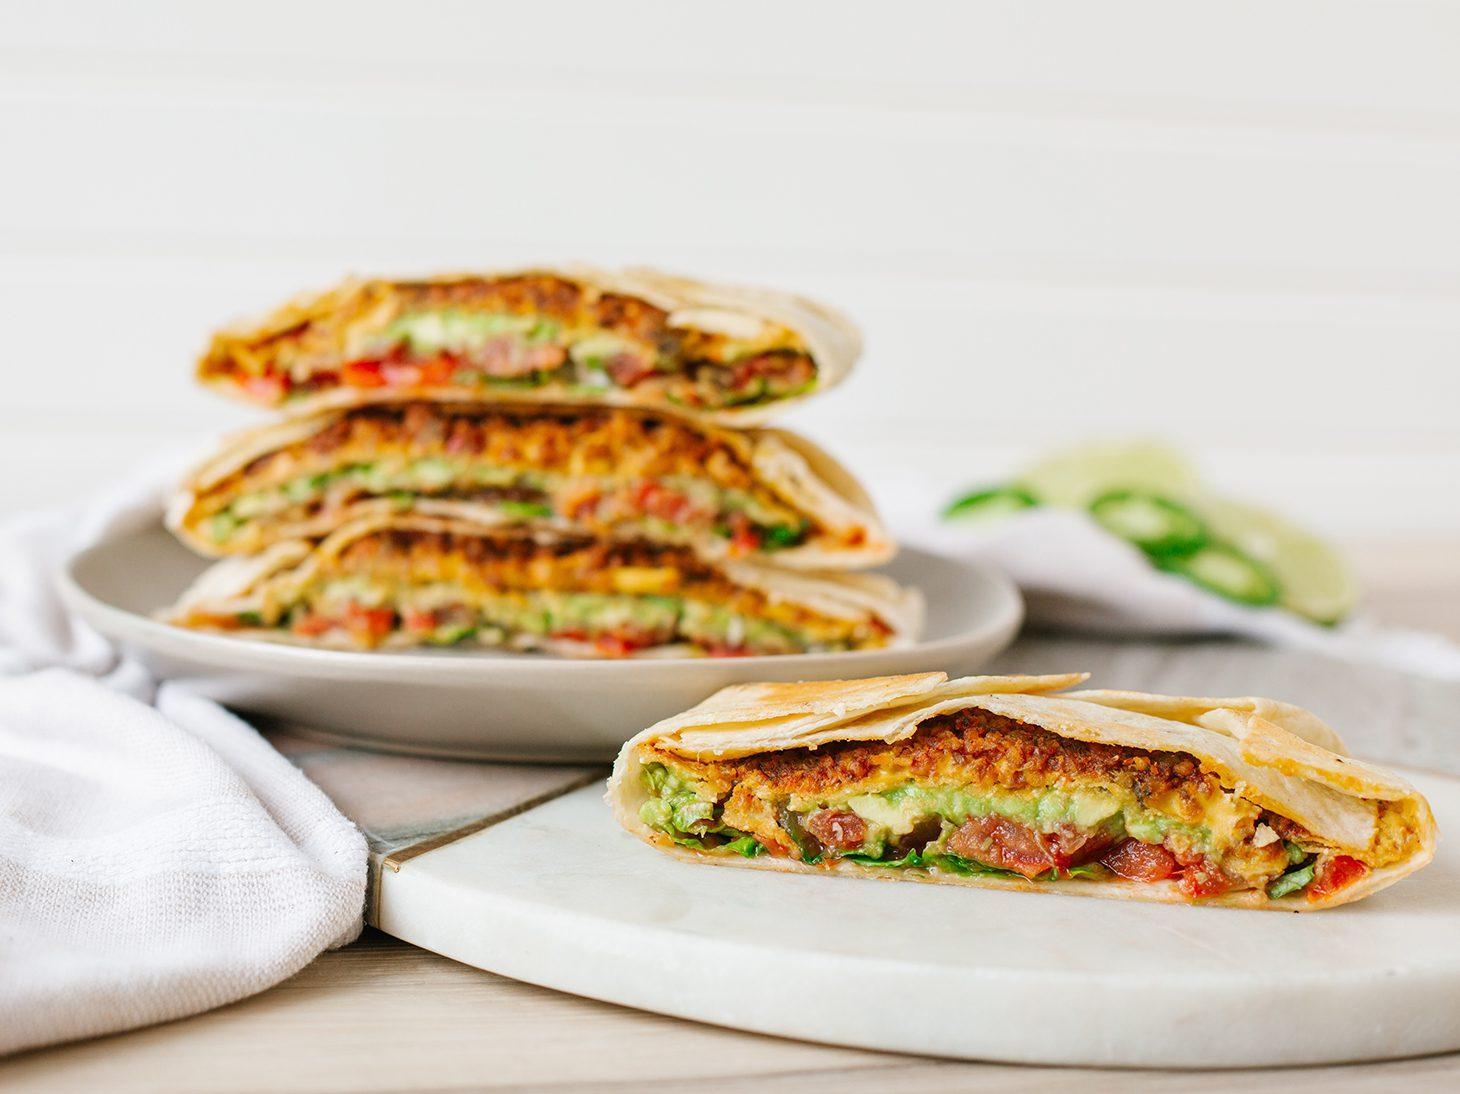 How to make easy vegan tacos